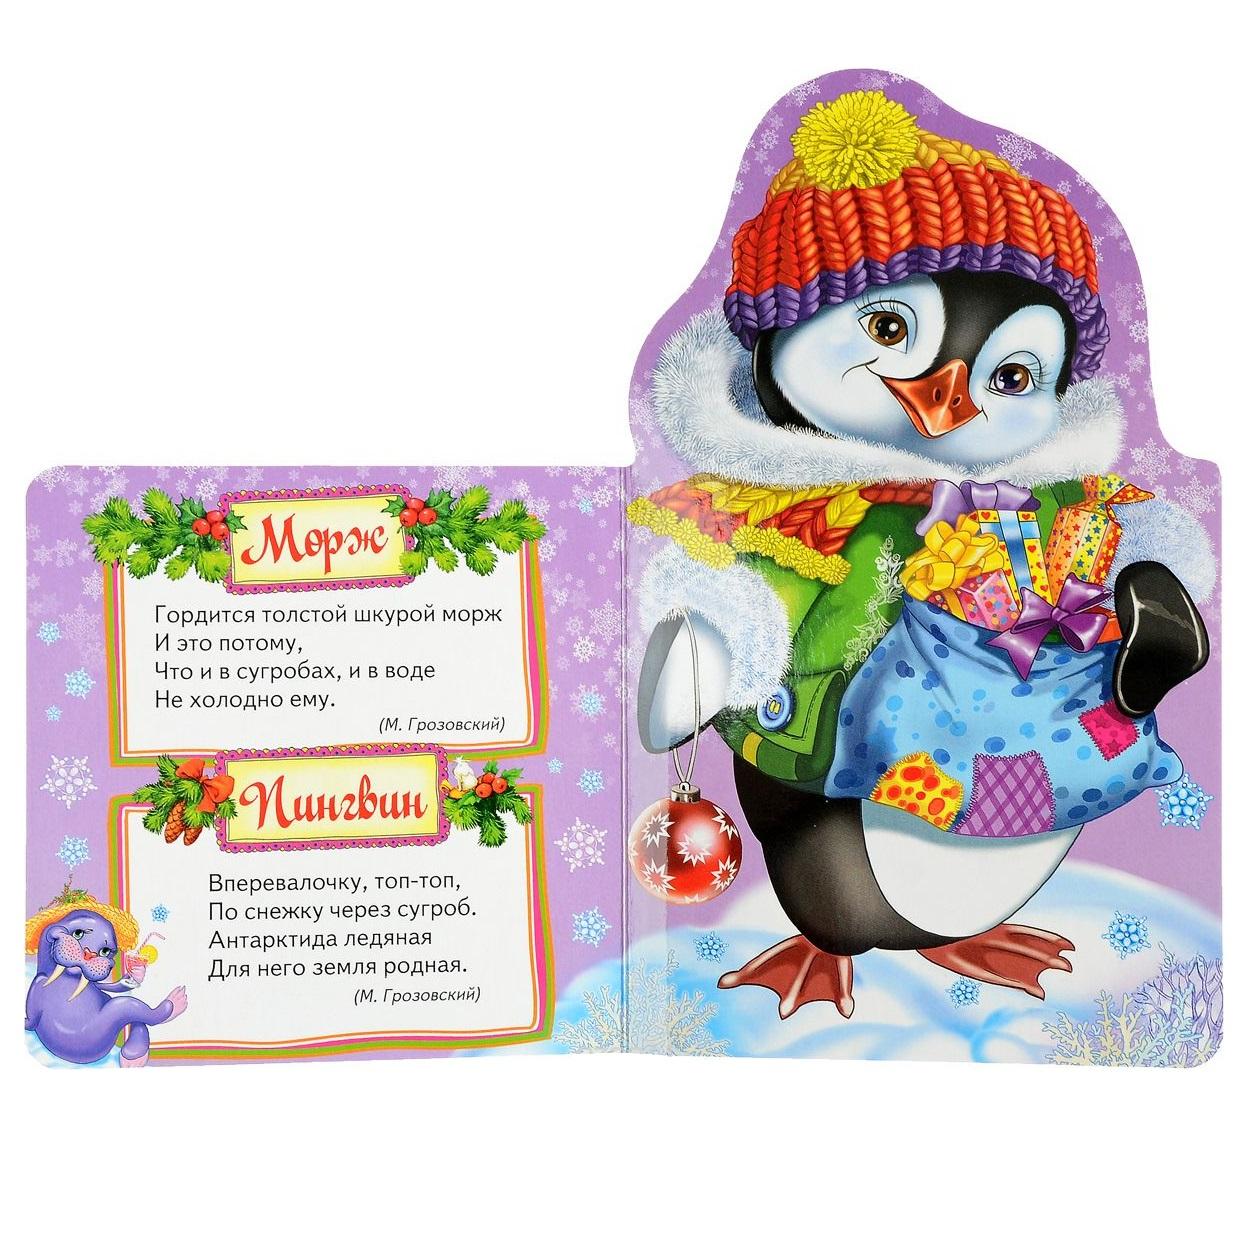 Стихи про пингвина